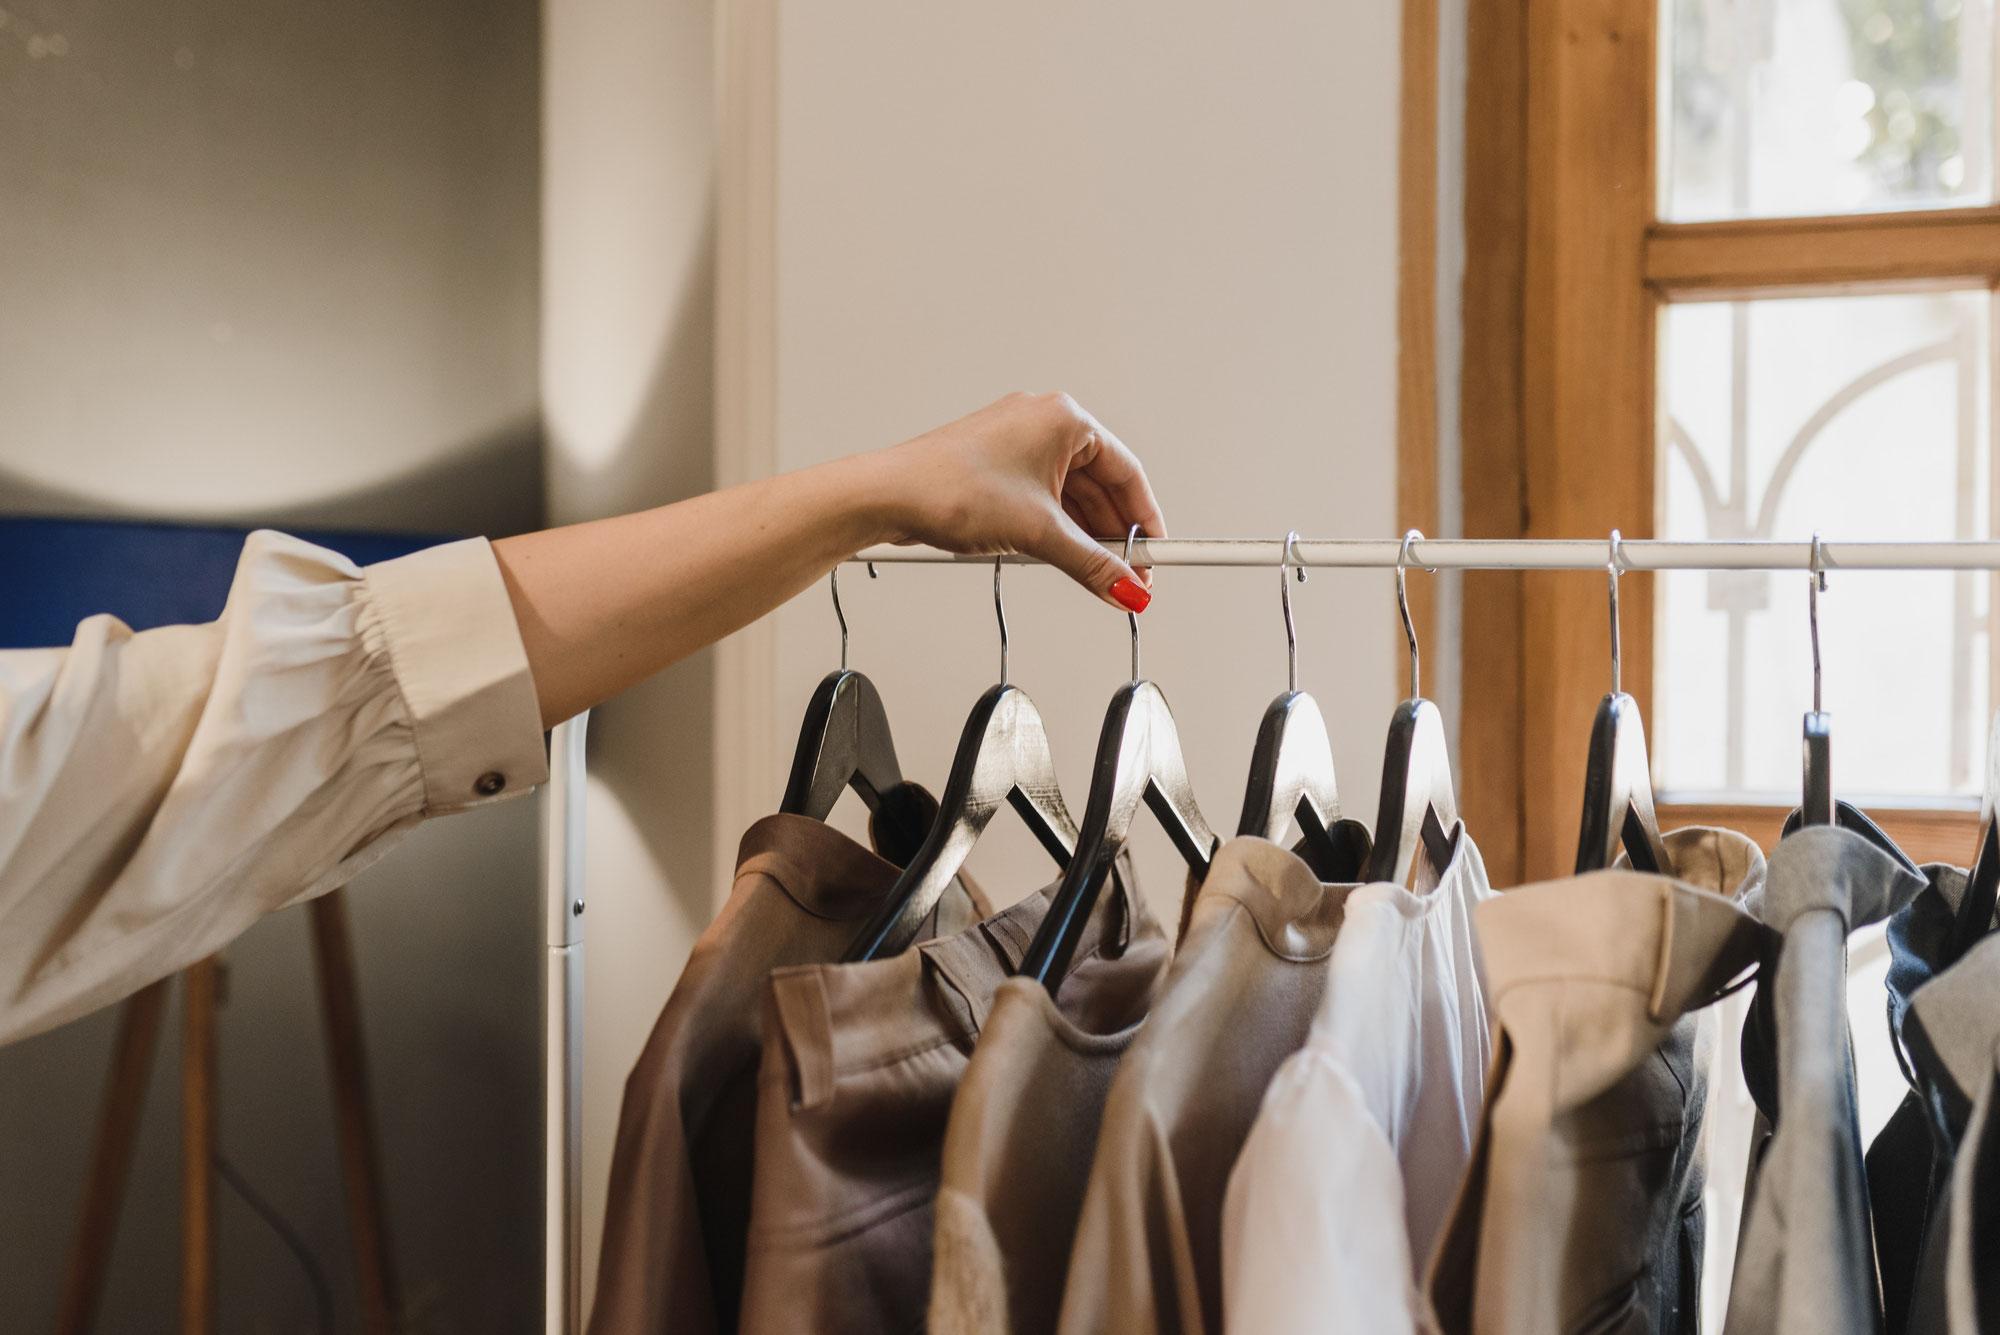 Weniger ist Mehr - Wardrobe Capsule Model